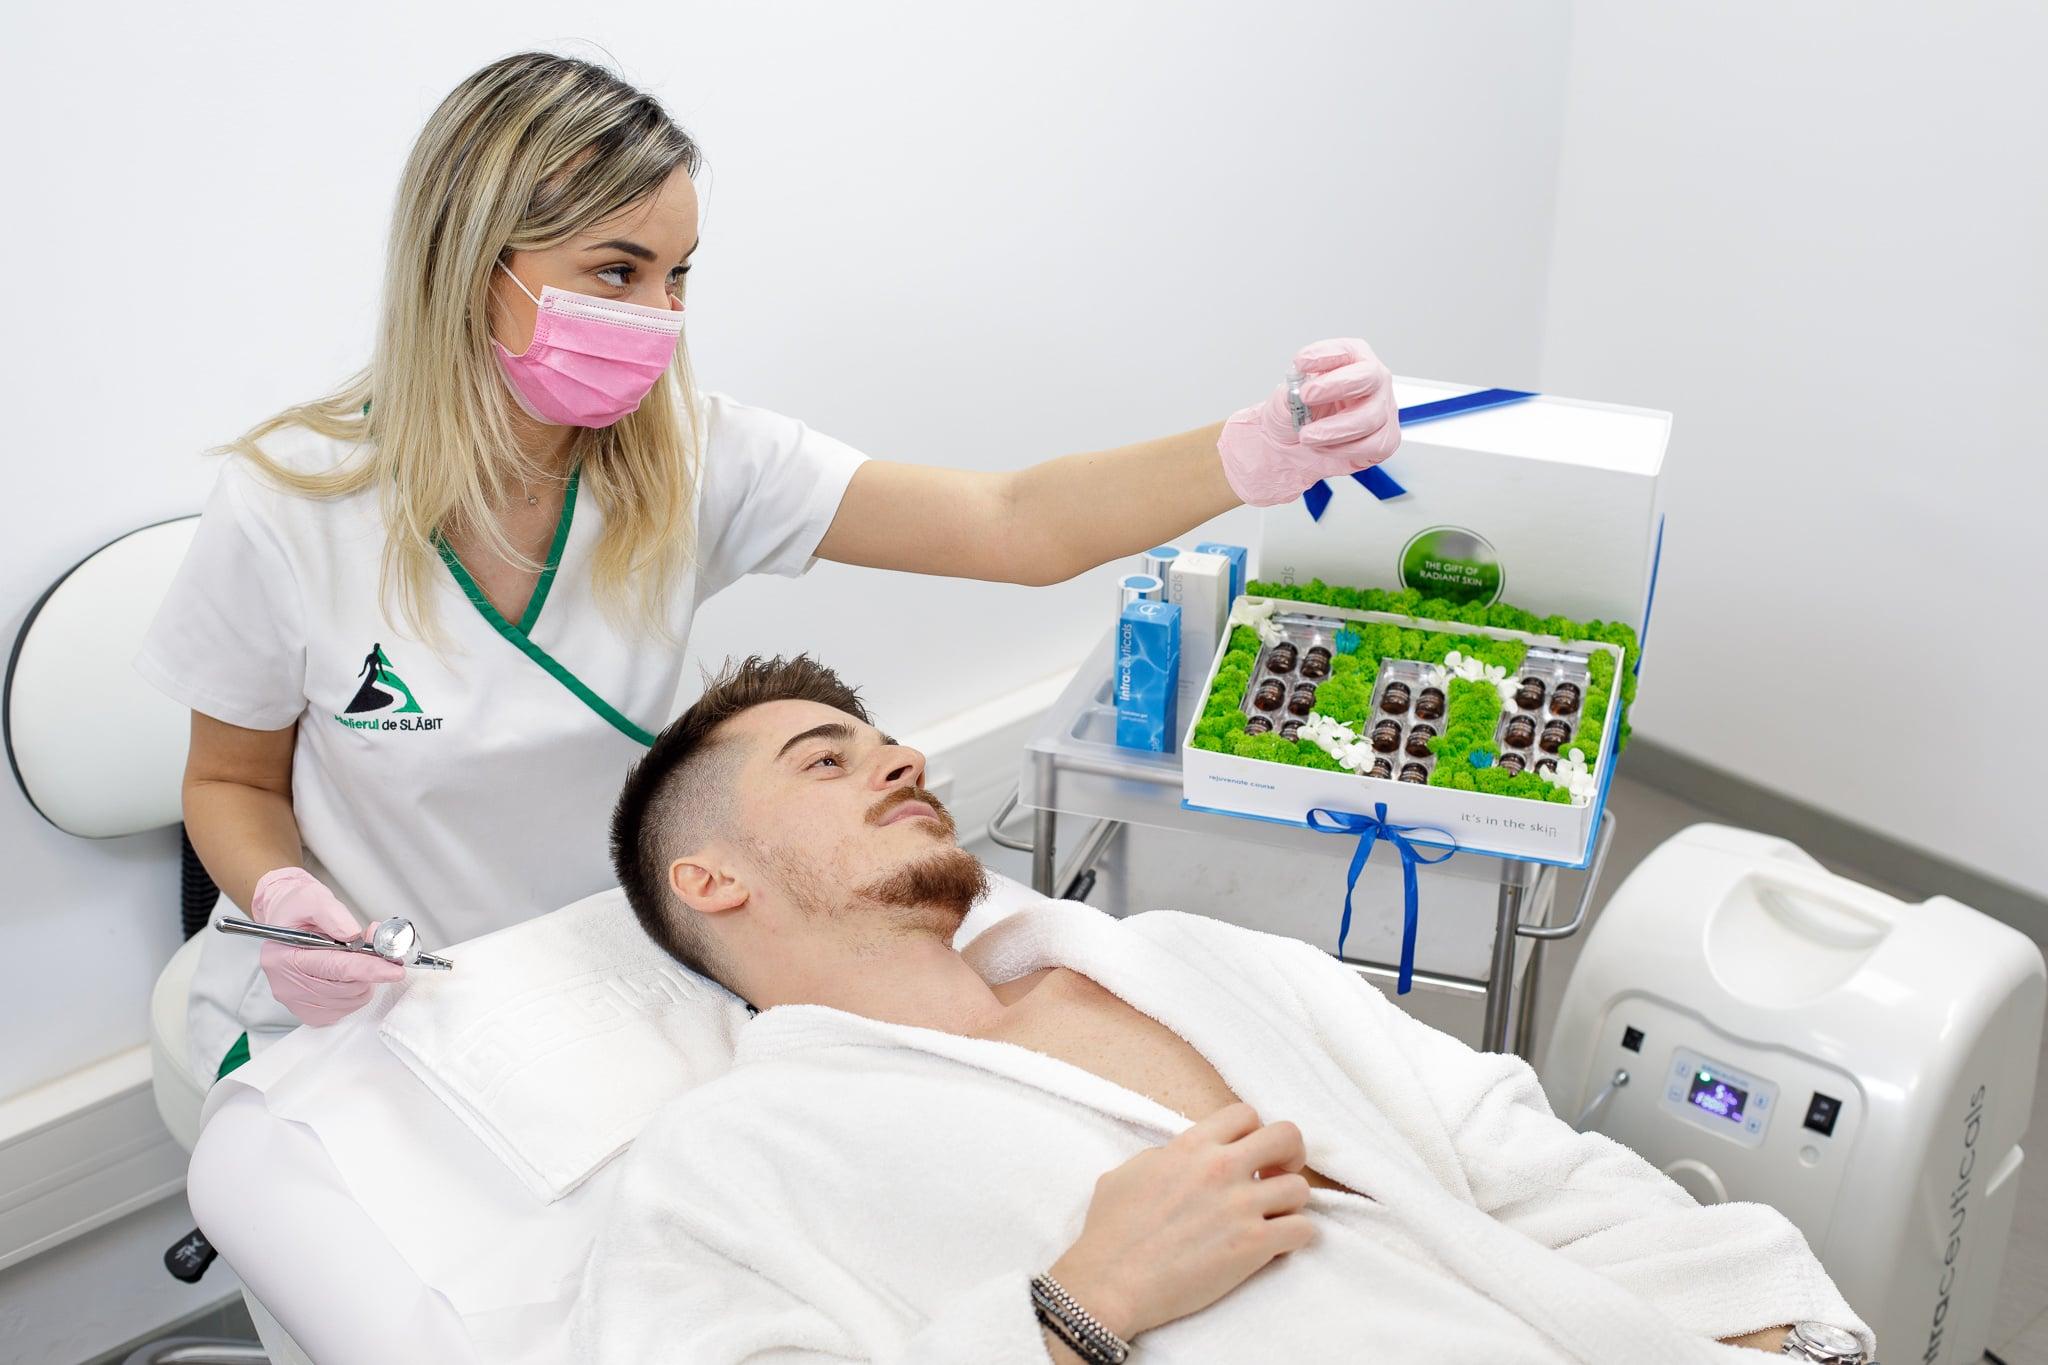 rezervor de slăbire pentru asistență medicală)